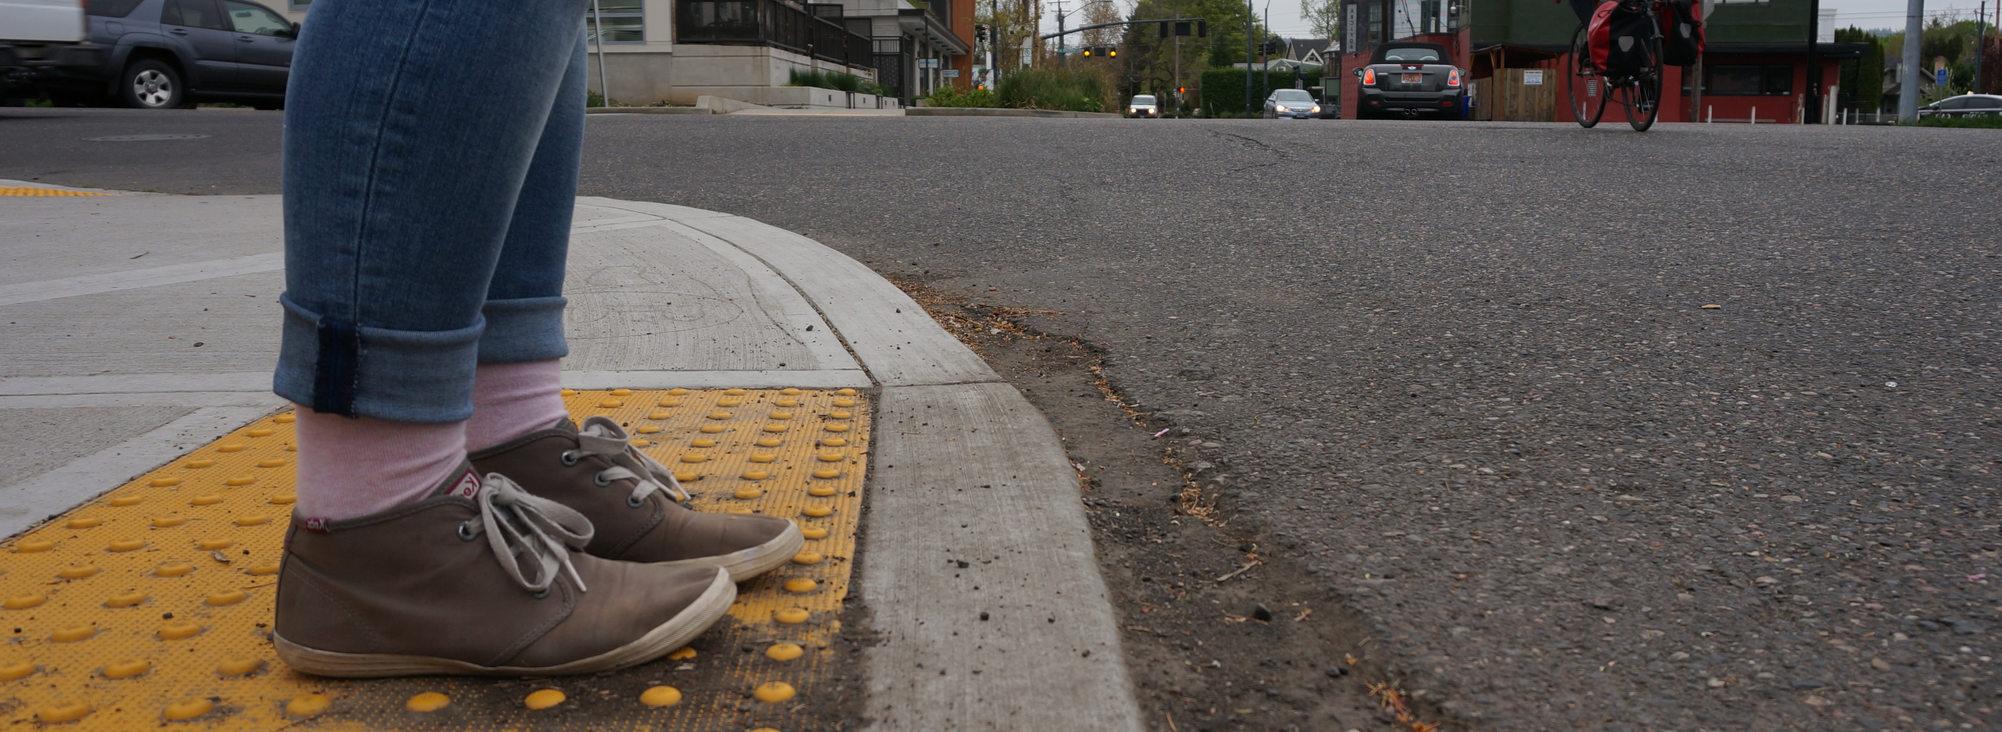 Feet waiting to cross a street